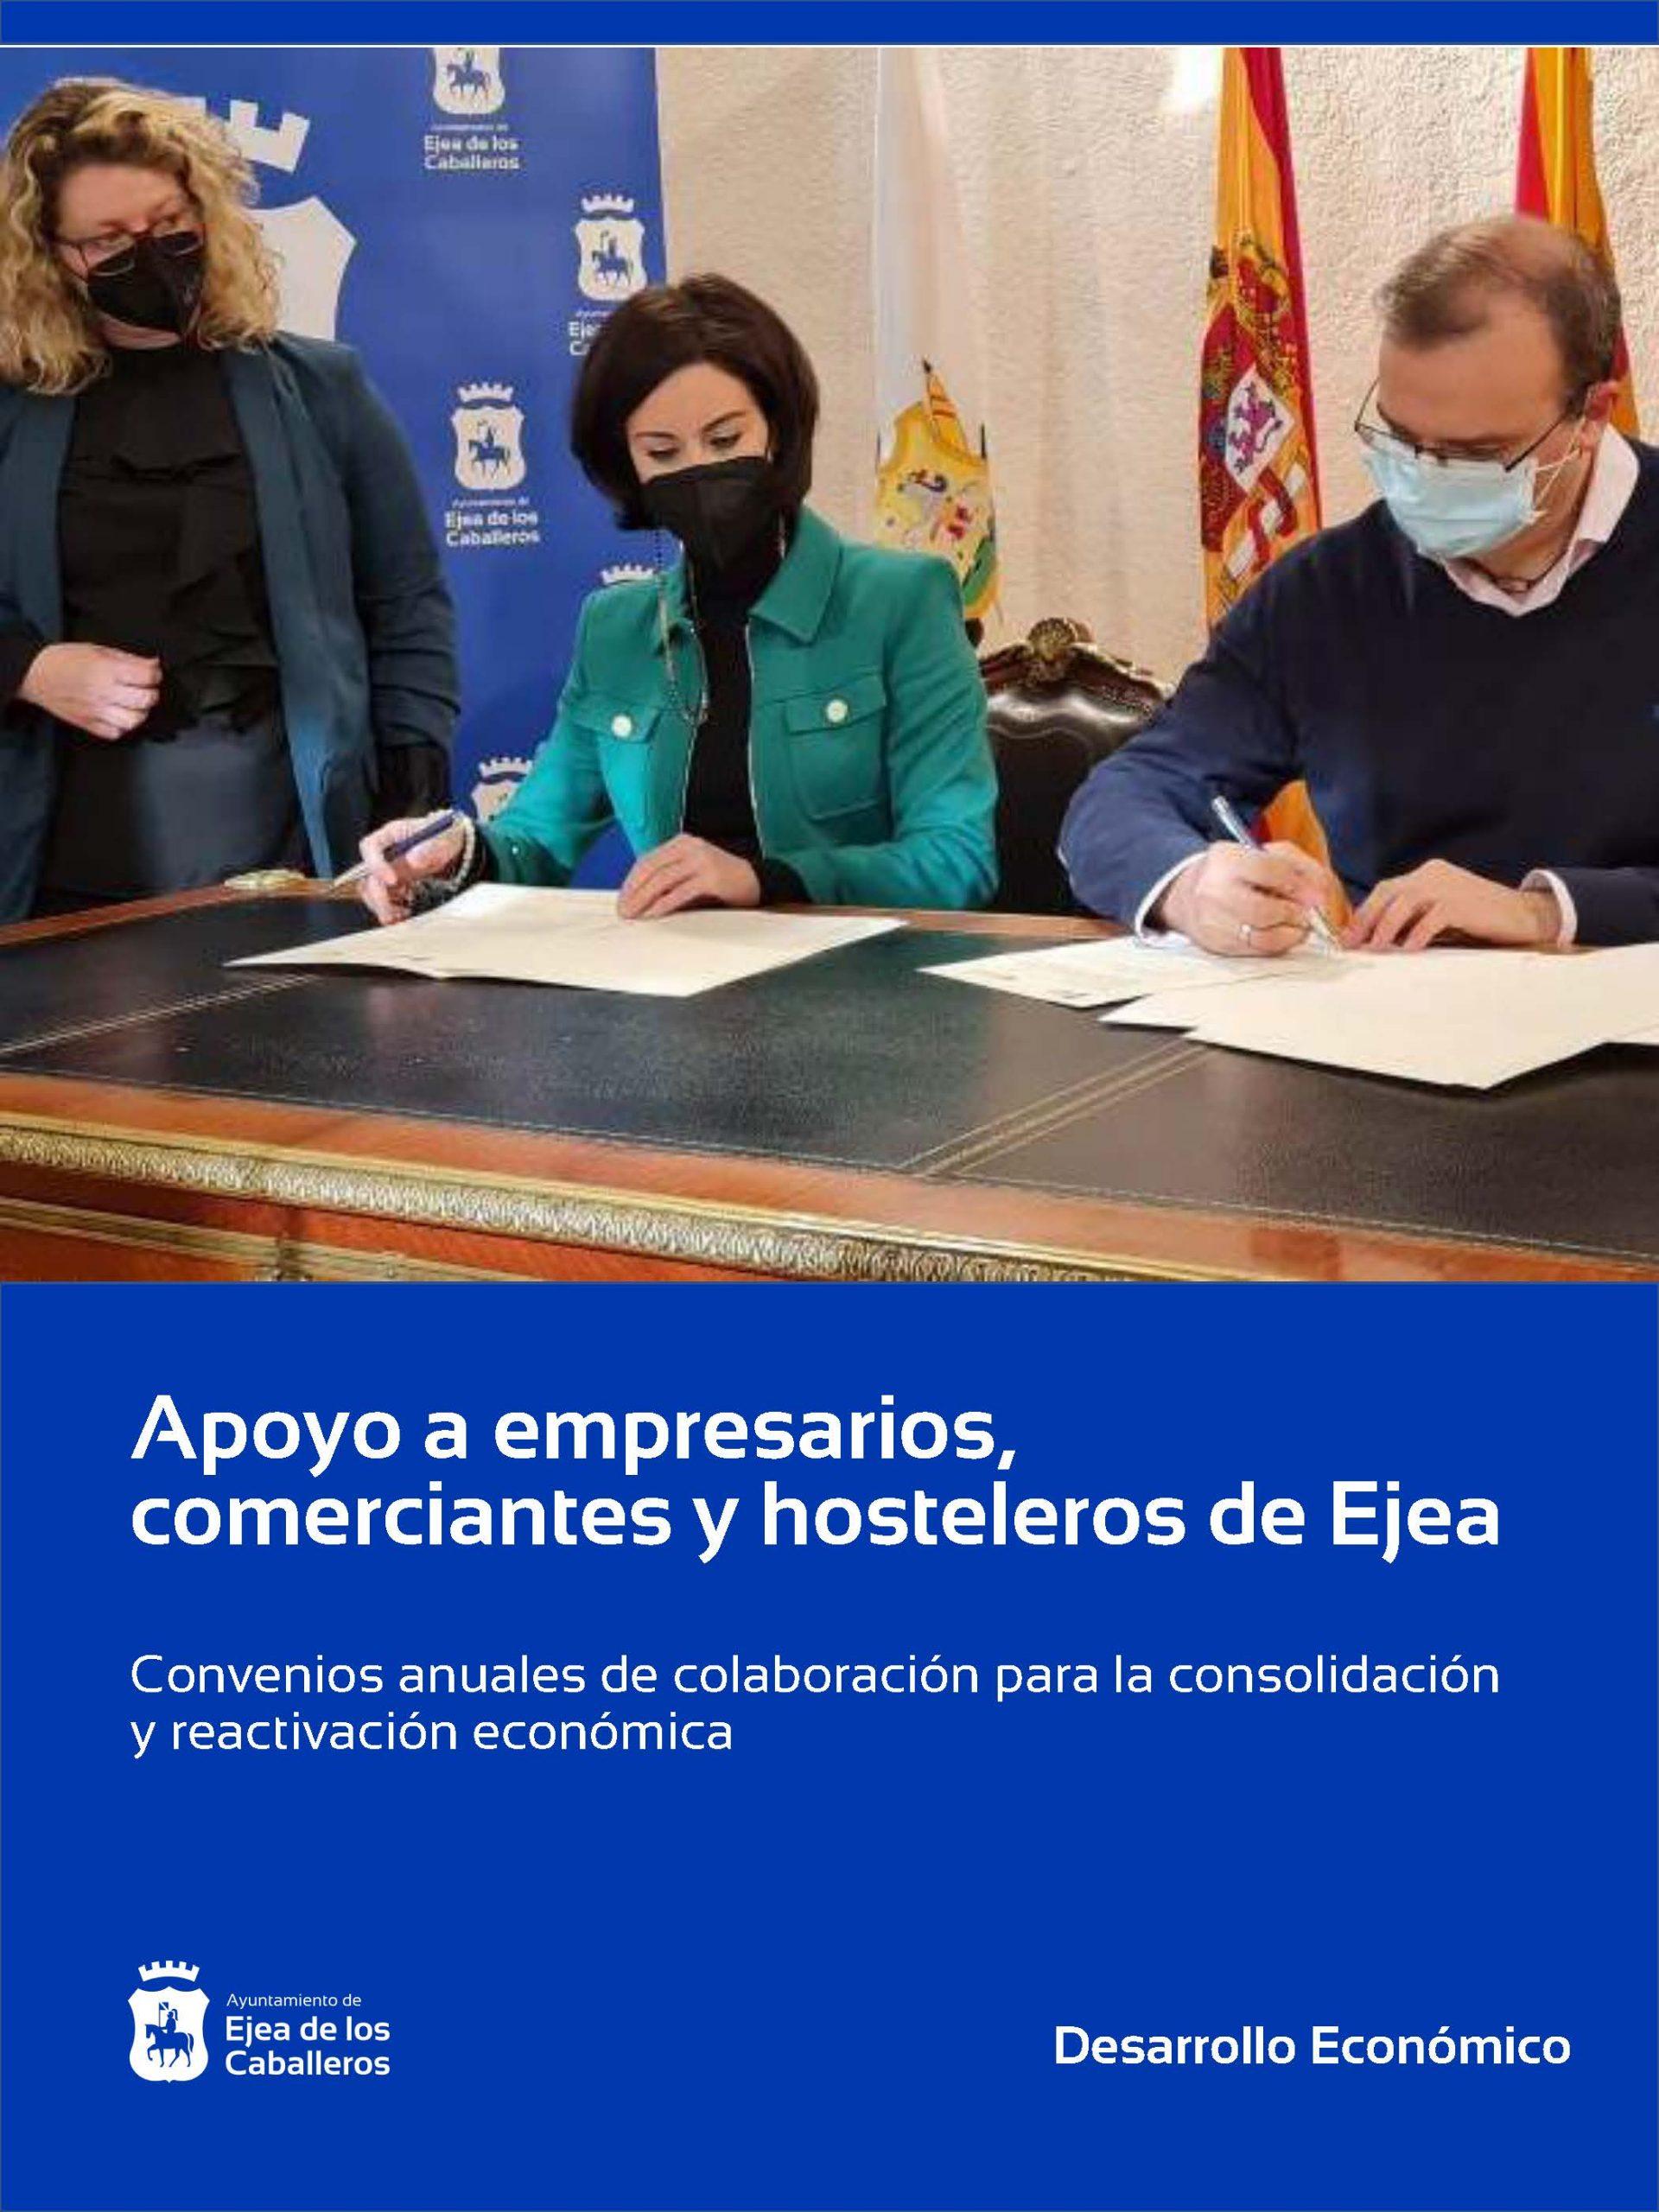 El Ayuntamiento de Ejea de los Caballeros continúa apoyando a comerciantes, empresarios y hosteleros